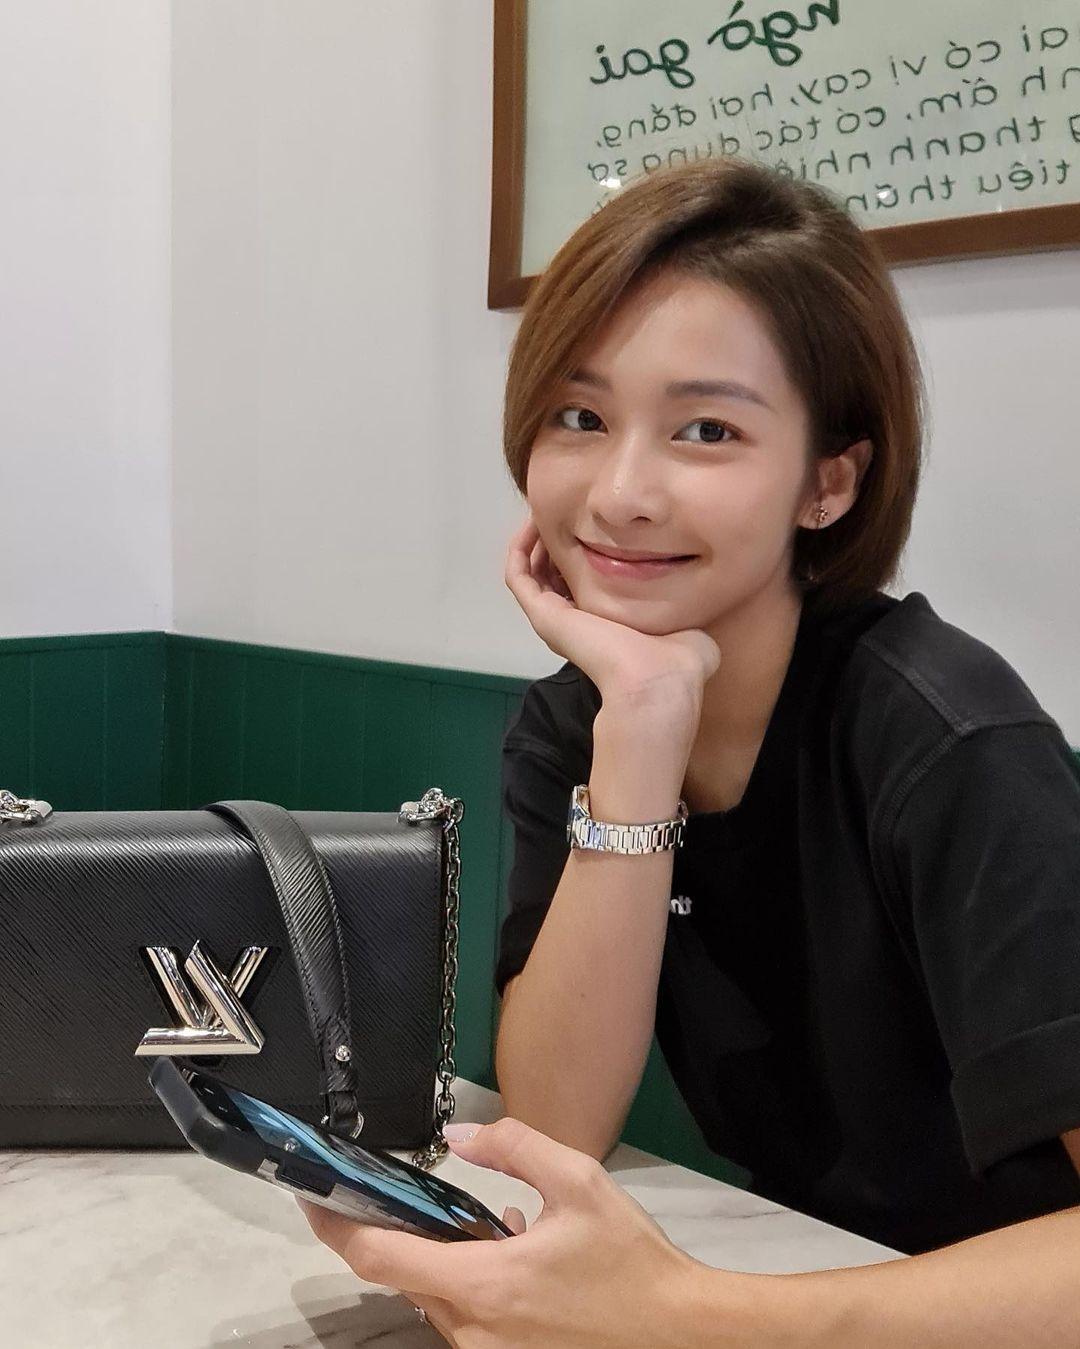 5 mỹ nhân Việt để tóc ngắn xuất sắc nhất: Ngắm là muốn cắt phăng mái tóc dài, nàng 30+ tìm được nhiều kiểu siêu hợp - Ảnh 12